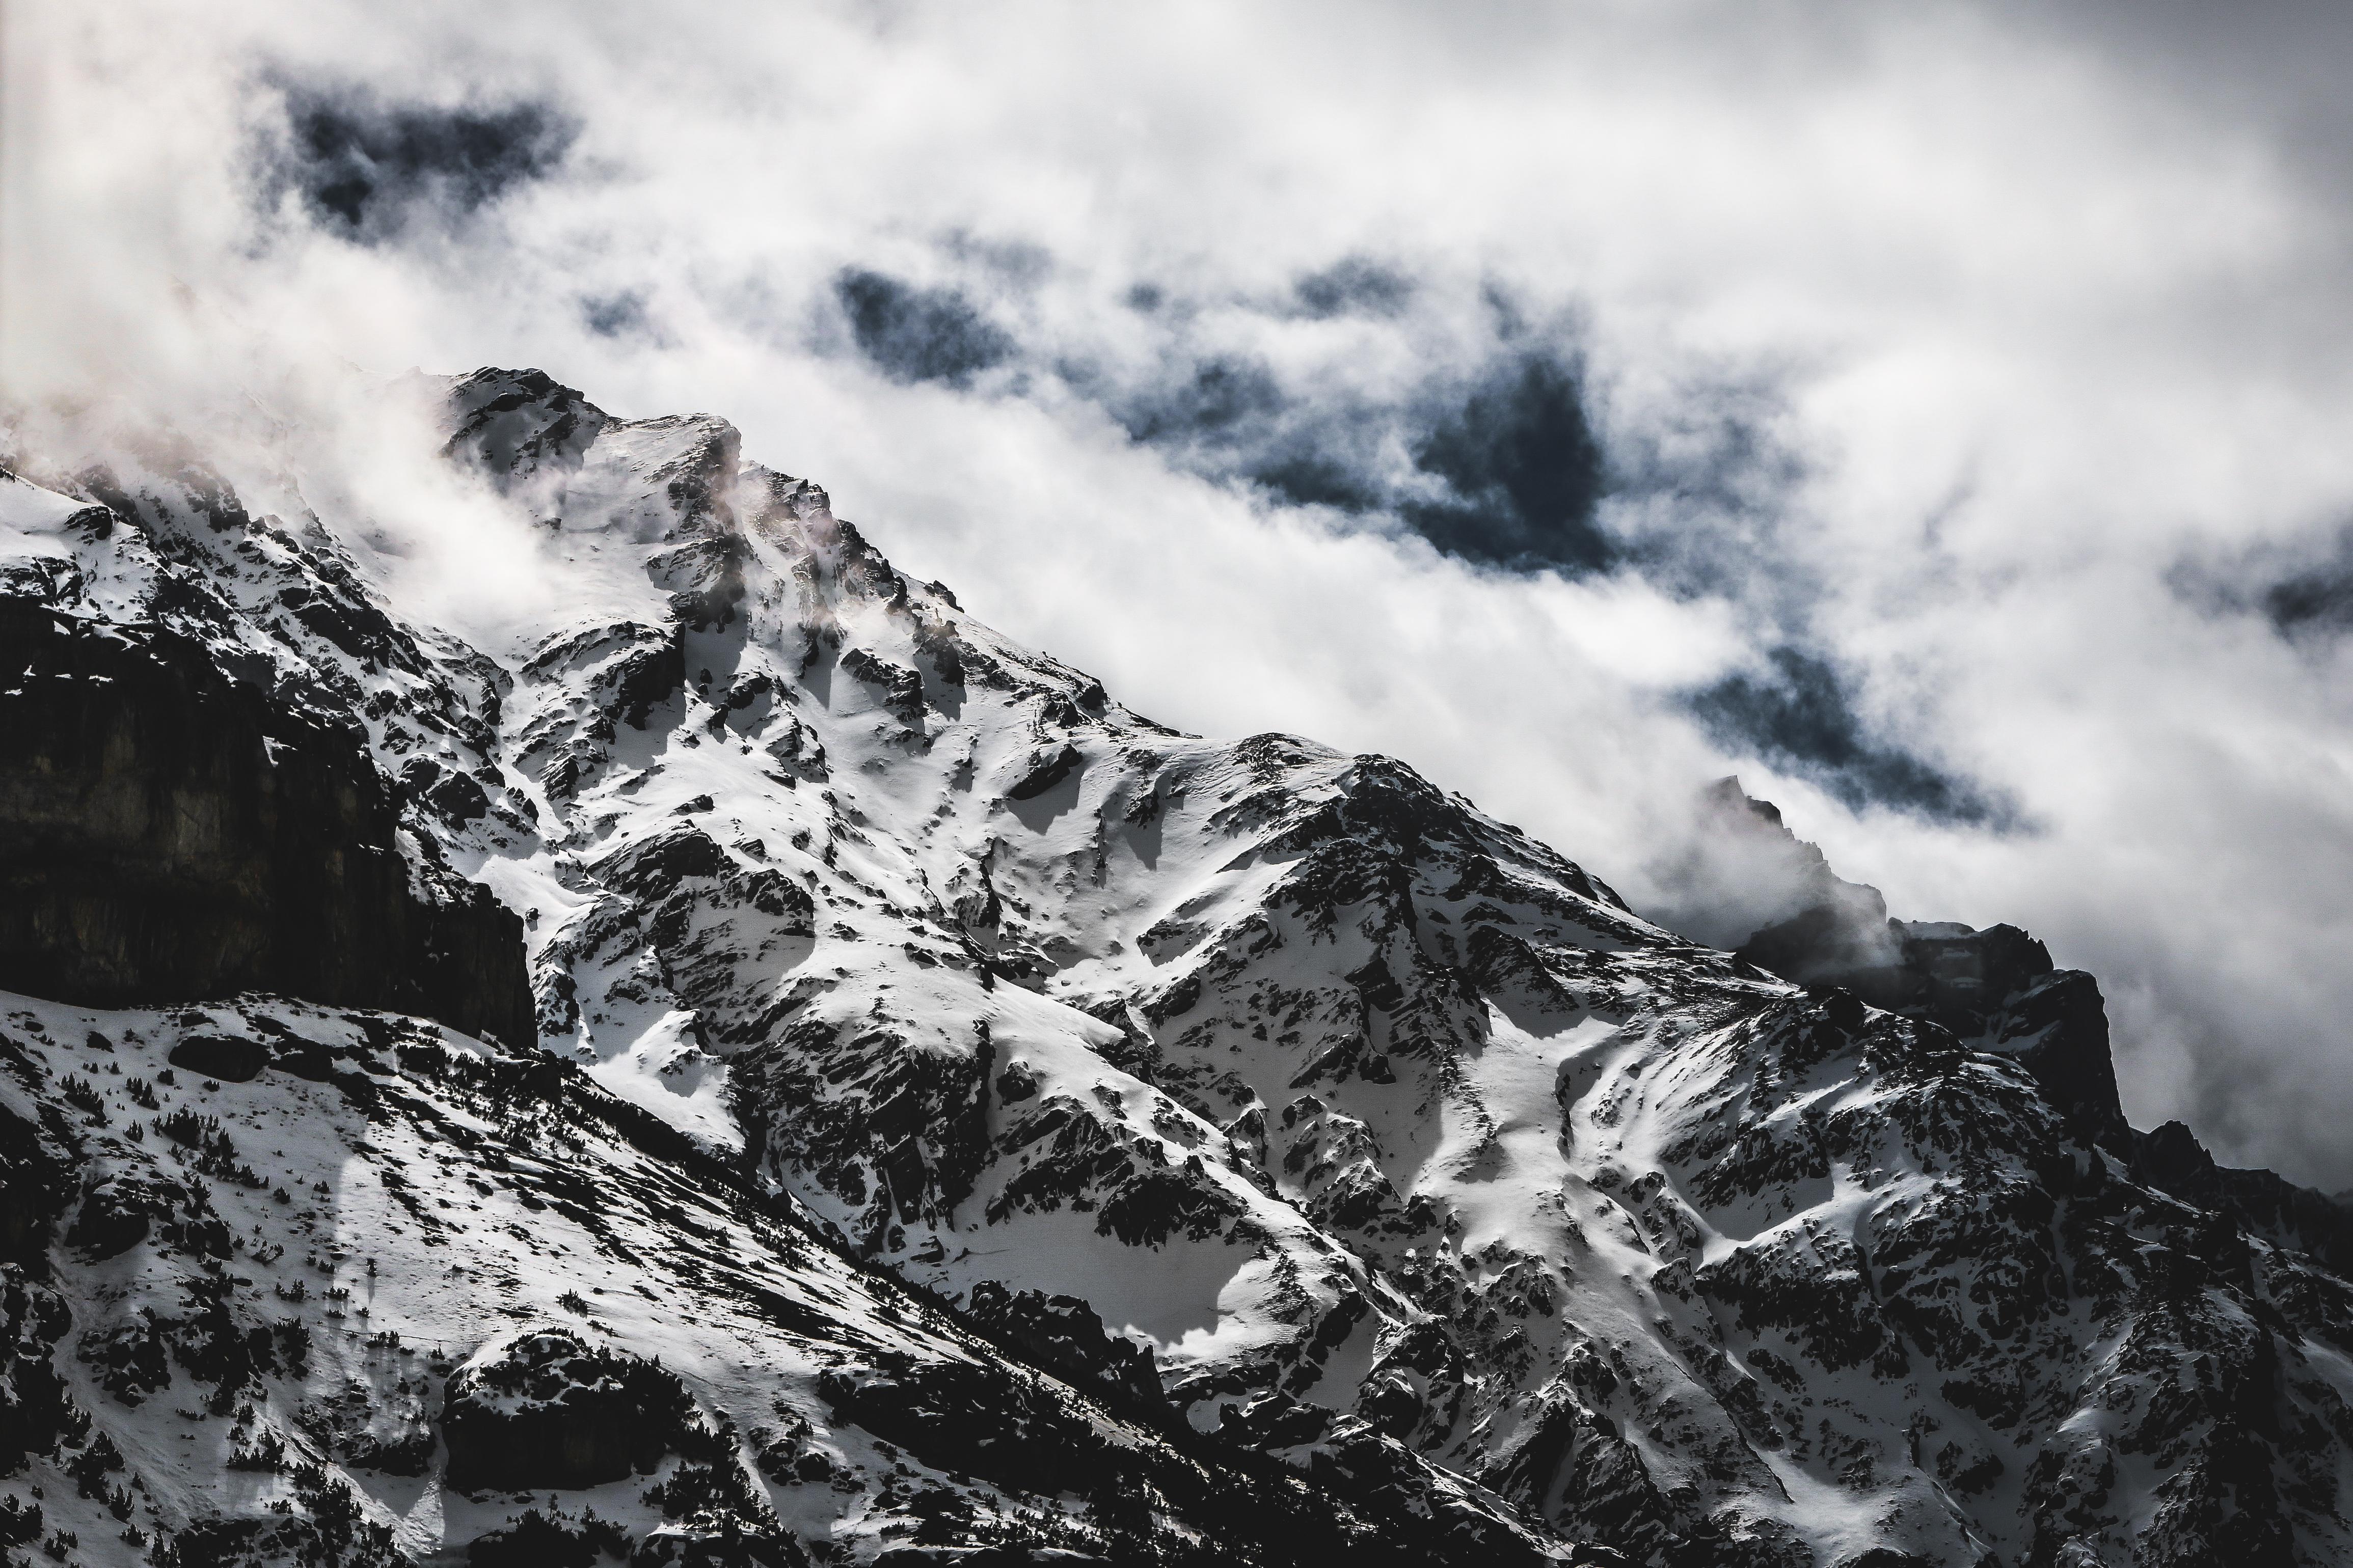 Le Alpi e la loro magnificenza attorno a Livigno